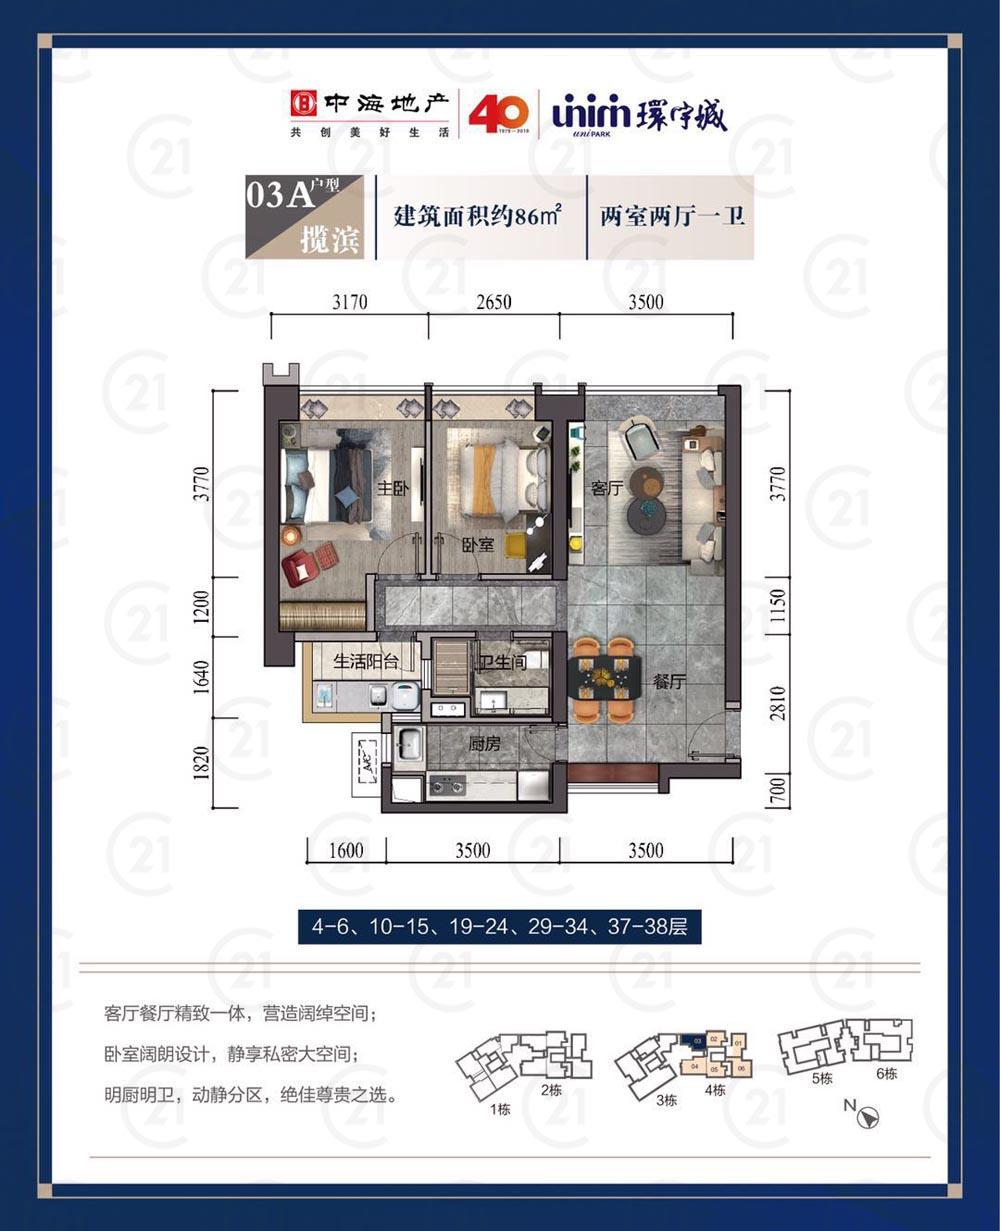 5中海环宇城-微信图片_20190603160606